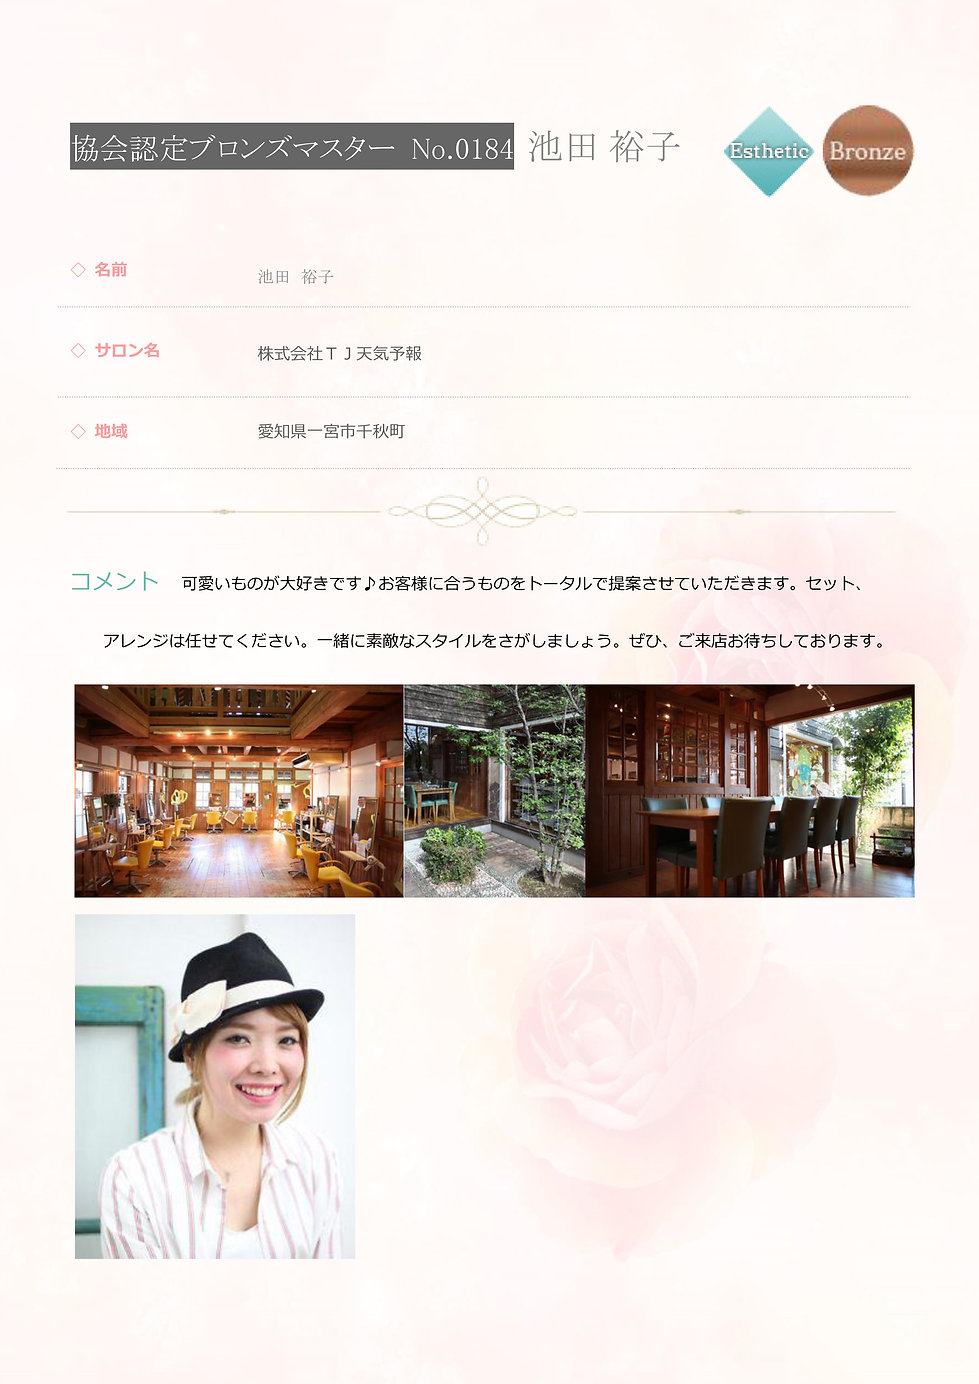 協会認定ブロンズマスター エステ No0184 池田 裕子